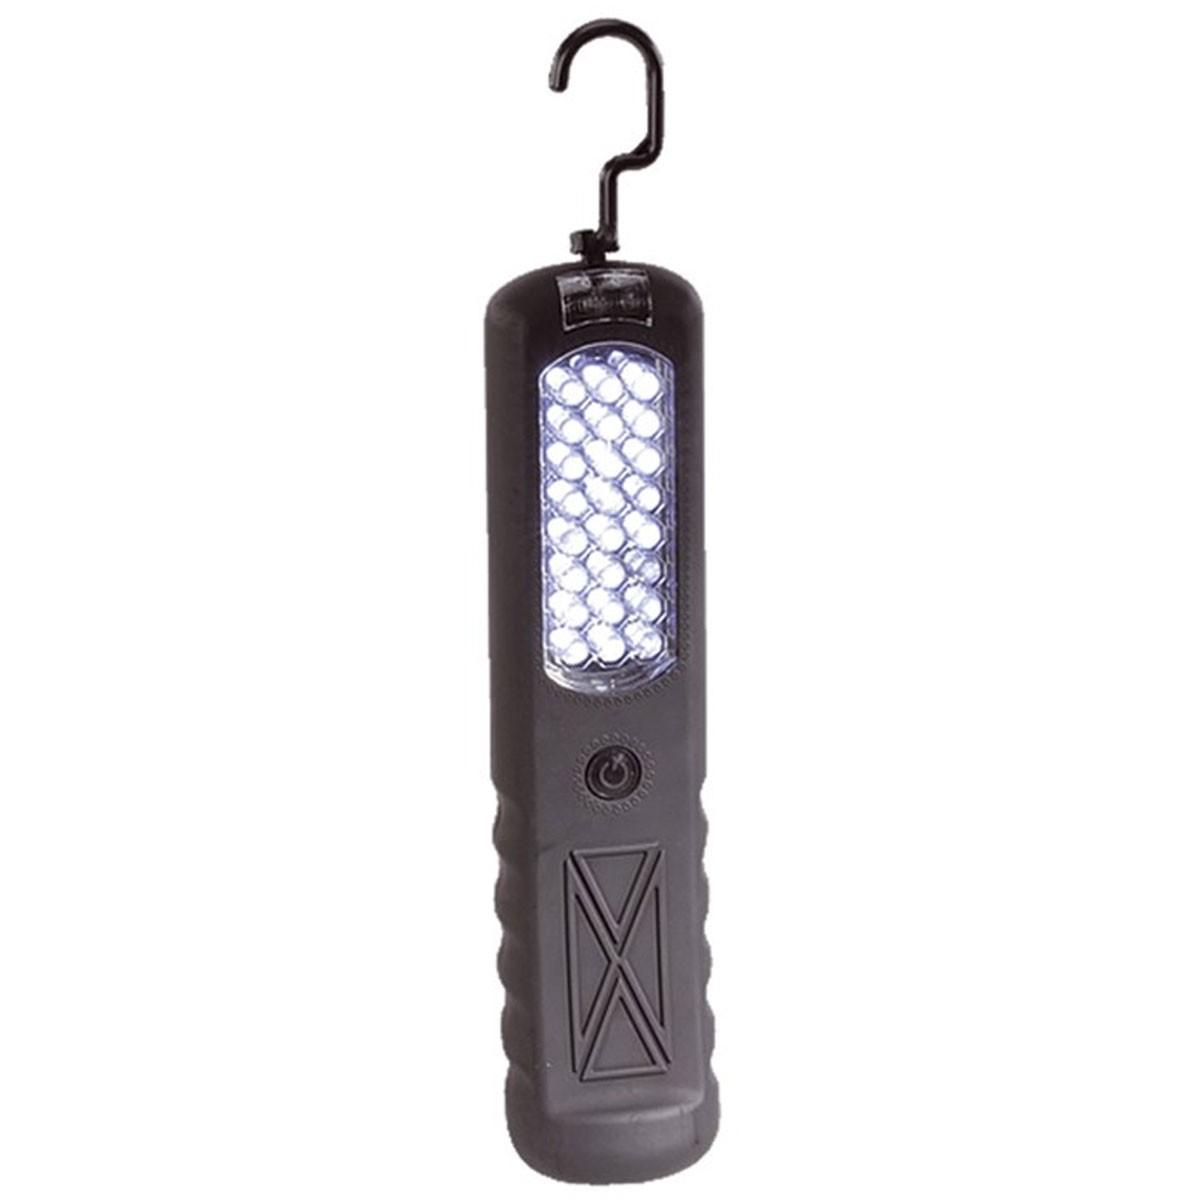 Seneste Ansmann 27 LED genopladelig arbejdslampe - Køb her NT31